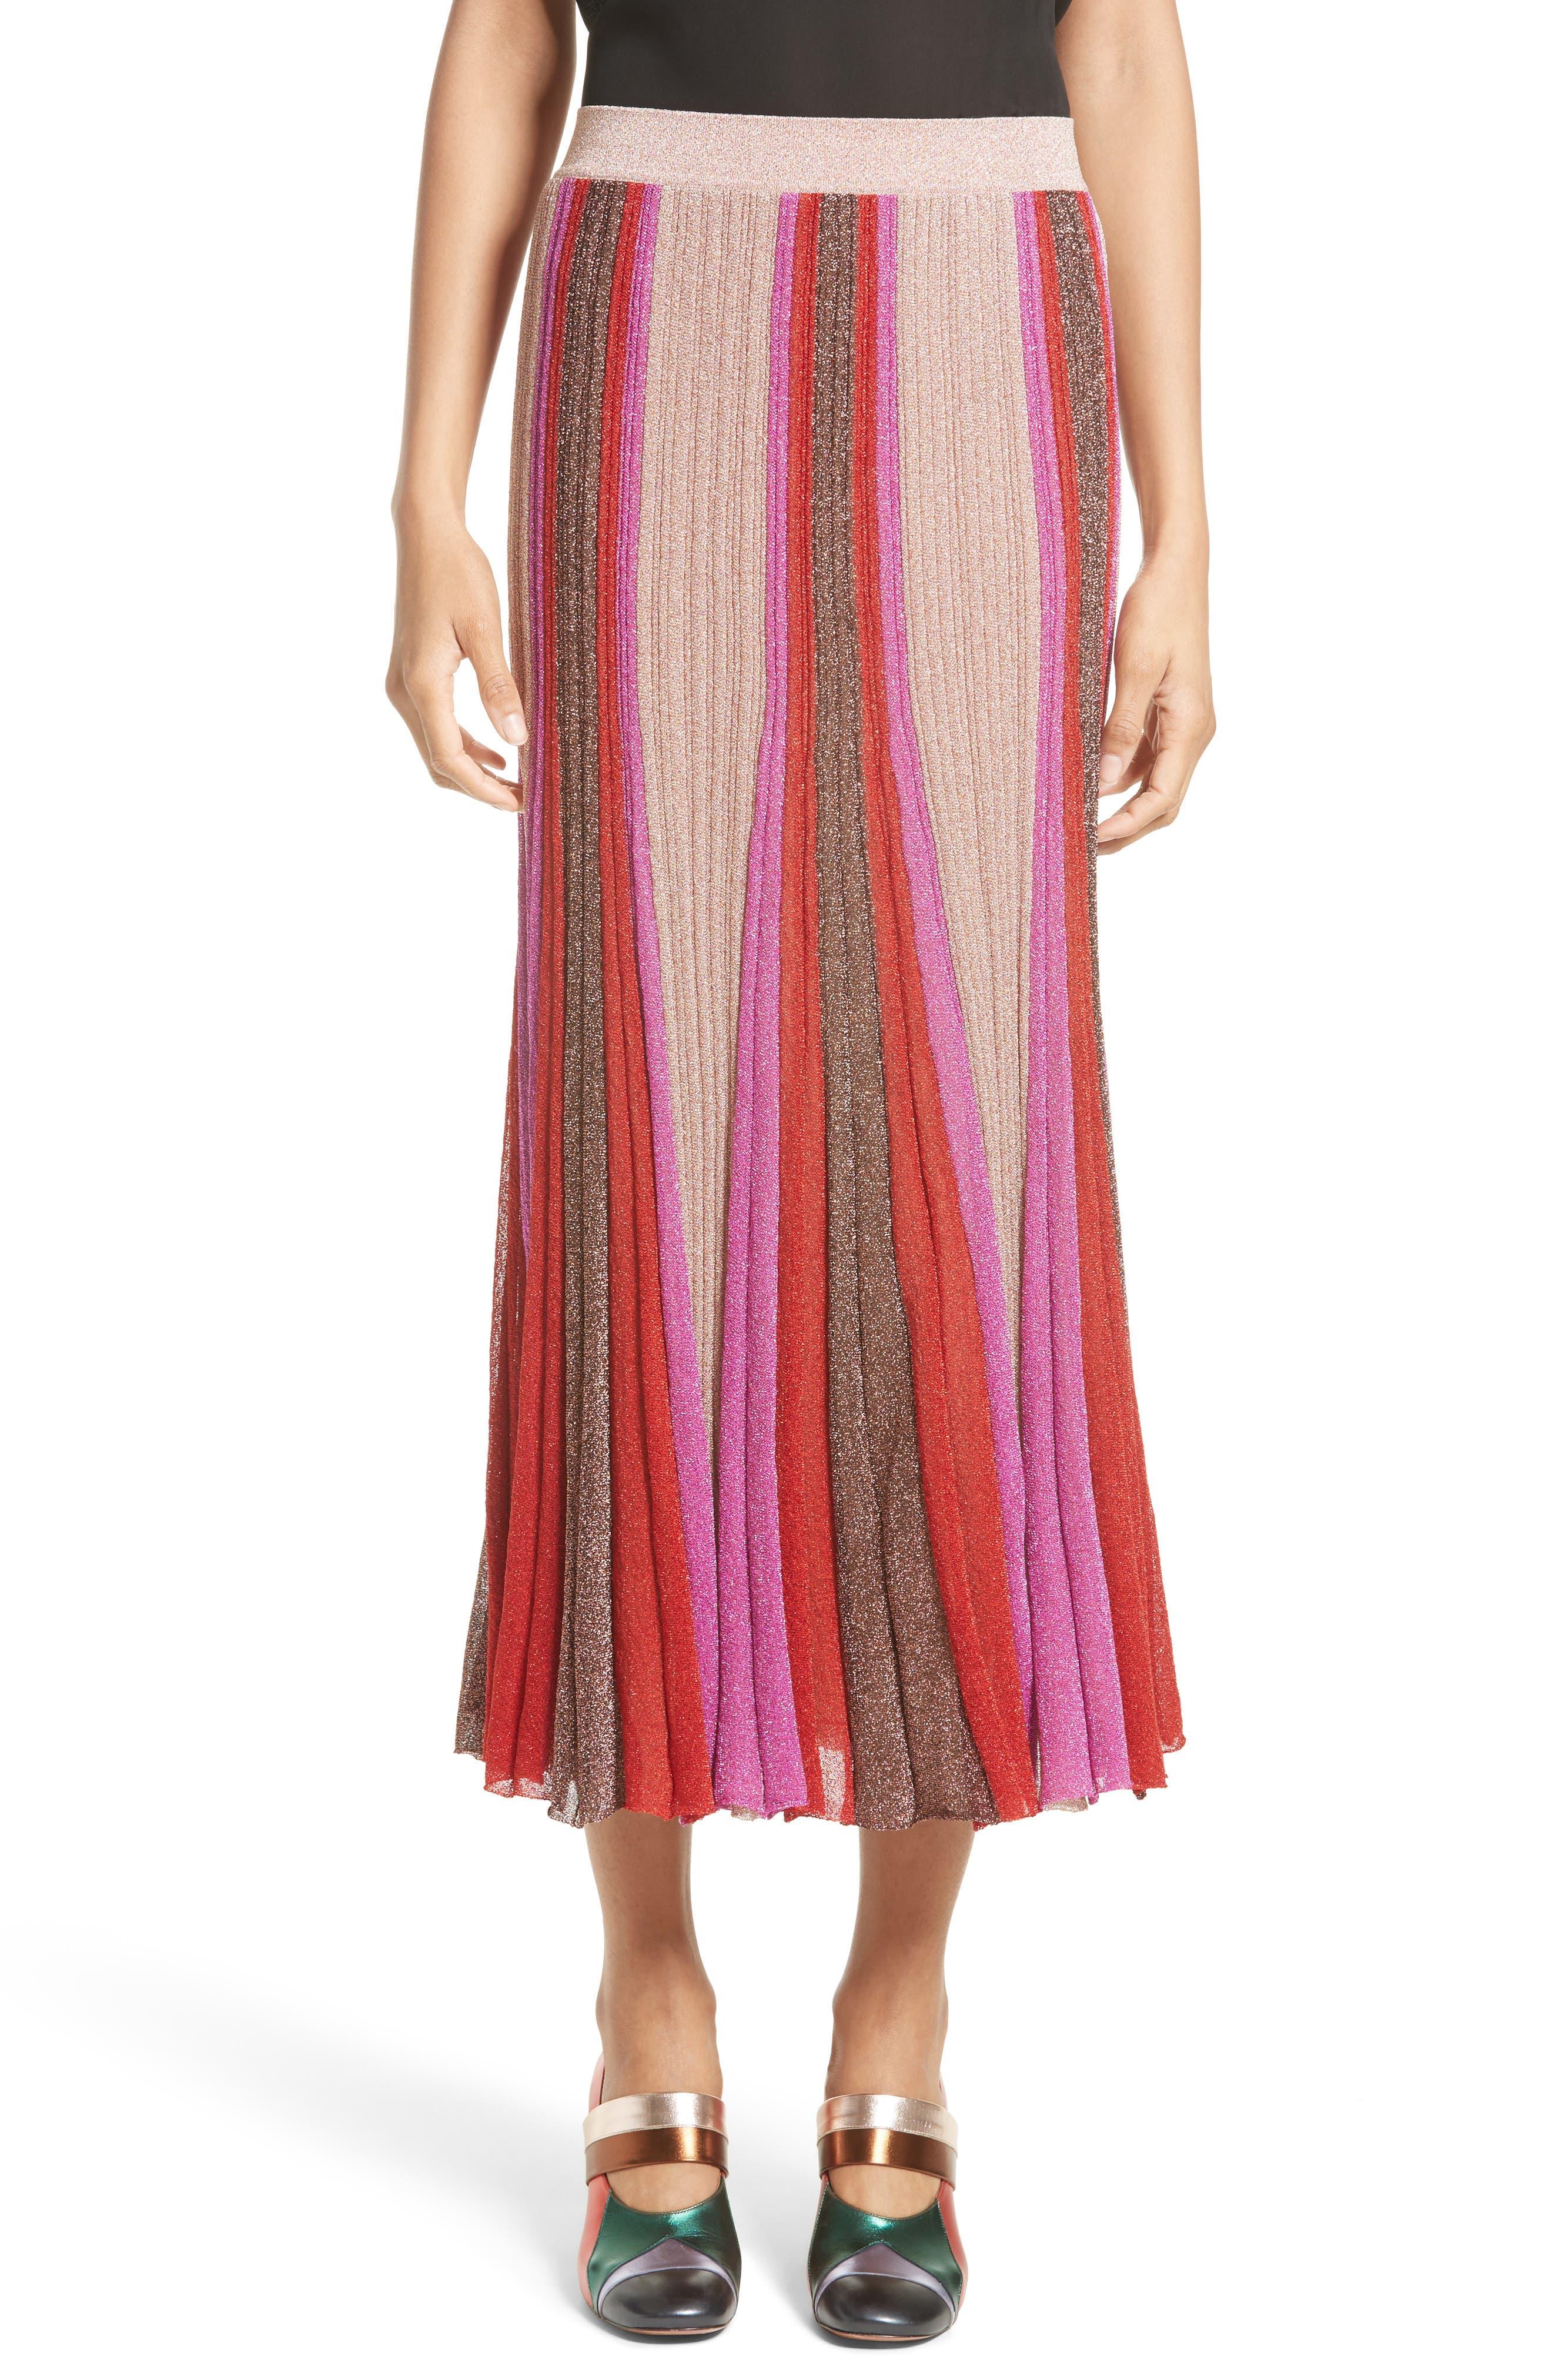 Main Image - Missoni Metallic Knit Colorblock Pleated Skirt